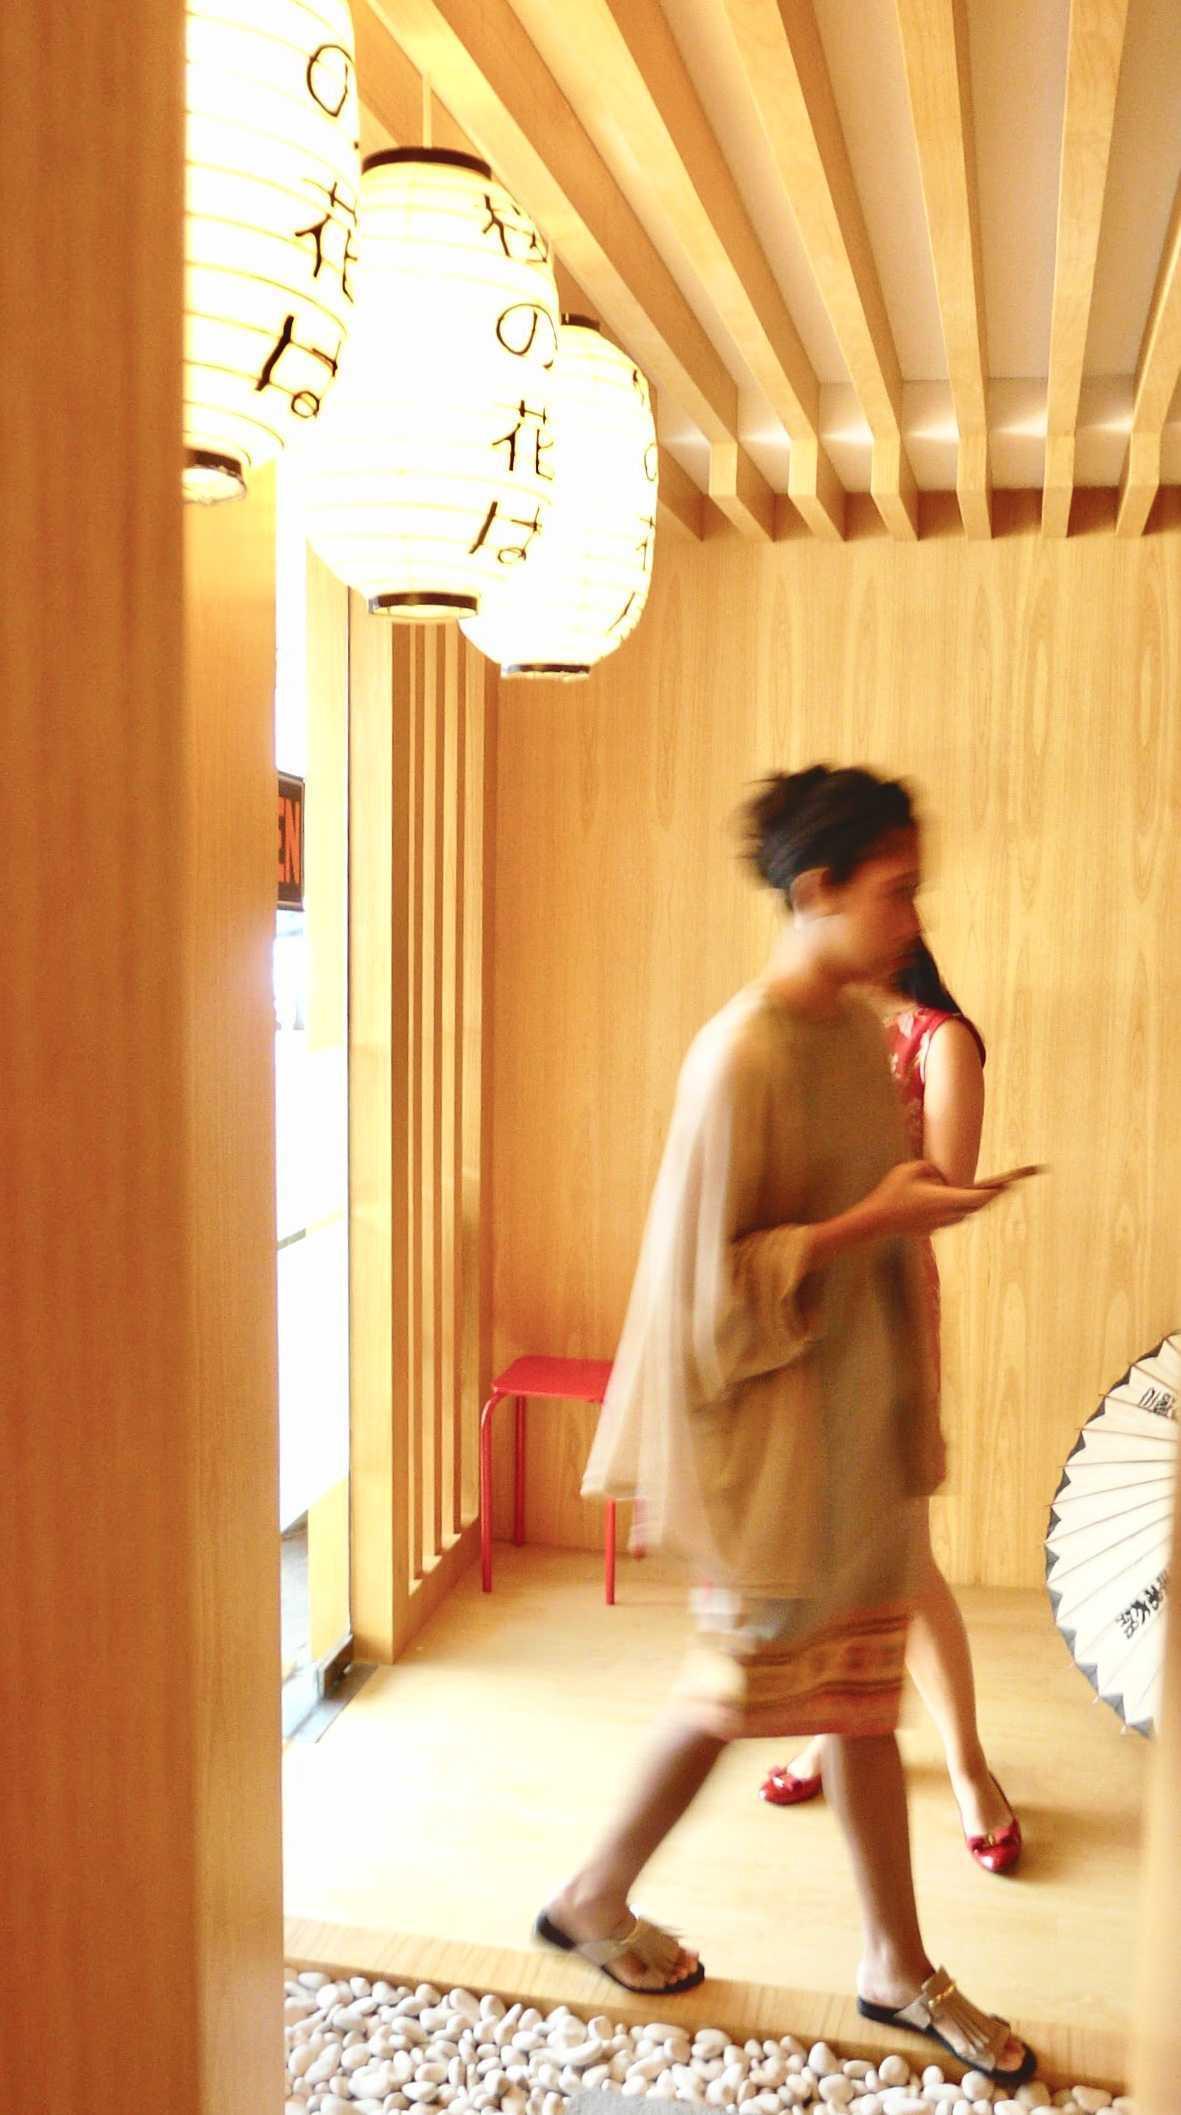 Einhaus Dondon Japanese Donburi Jl. Metro Pondok Indah, Pd. Pinang, Kby. Lama, Kota Jakarta Selatan, Daerah Khusus Ibukota Jakarta, Indonesia Jl. Metro Pondok Indah, Pd. Pinang, Kby. Lama, Kota Jakarta Selatan, Daerah Khusus Ibukota Jakarta, Indonesia Einhaus-Dondon-Japanese-Donburi   55632